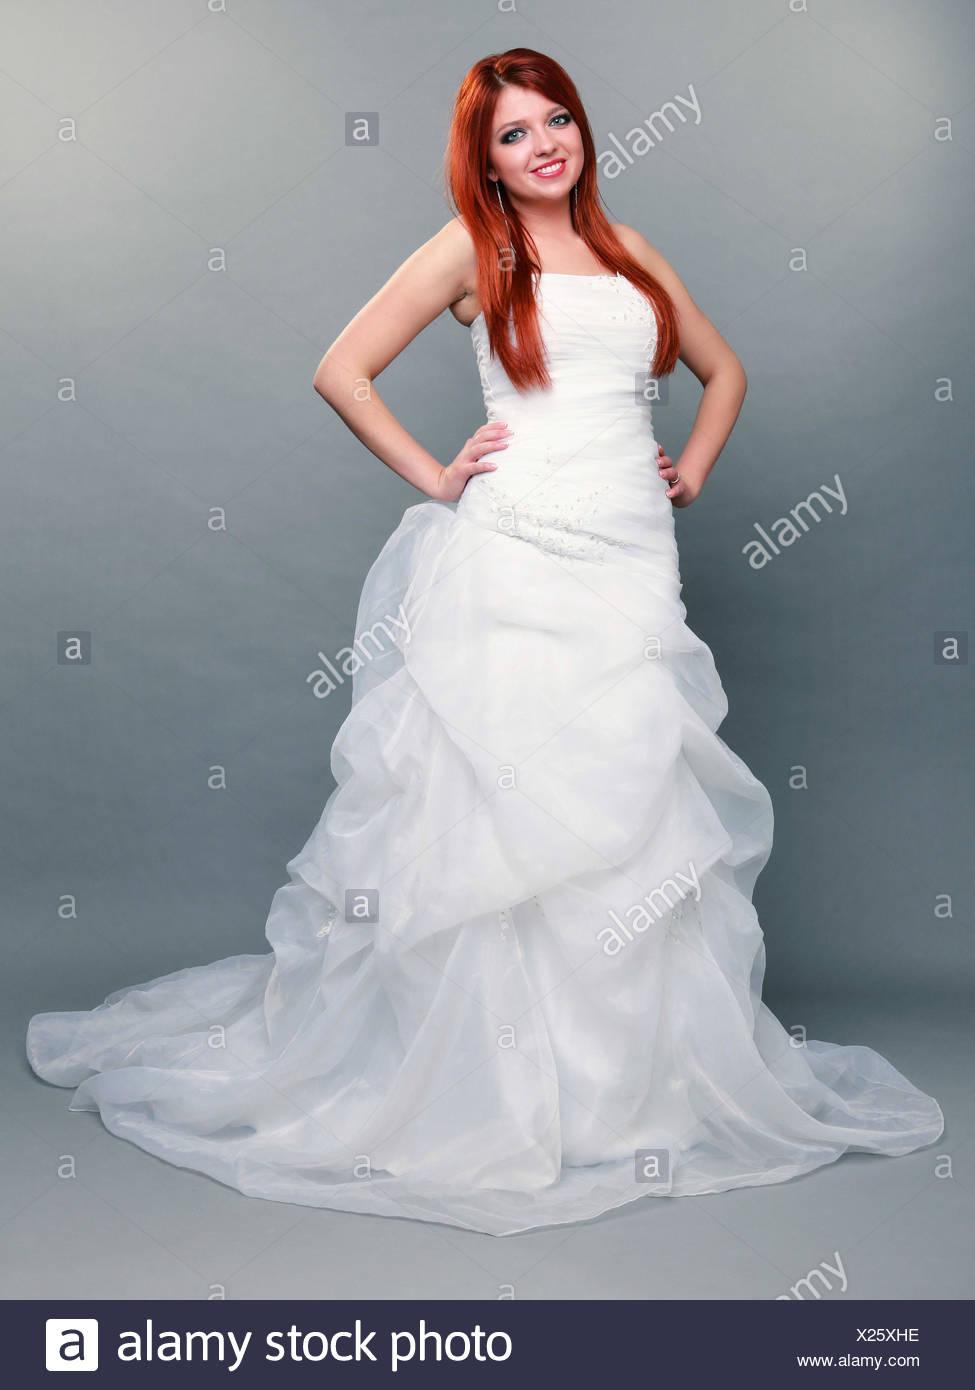 Ziemlich Kleider Für Einen Tag Hochzeit Galerie - Brautkleider Ideen ...